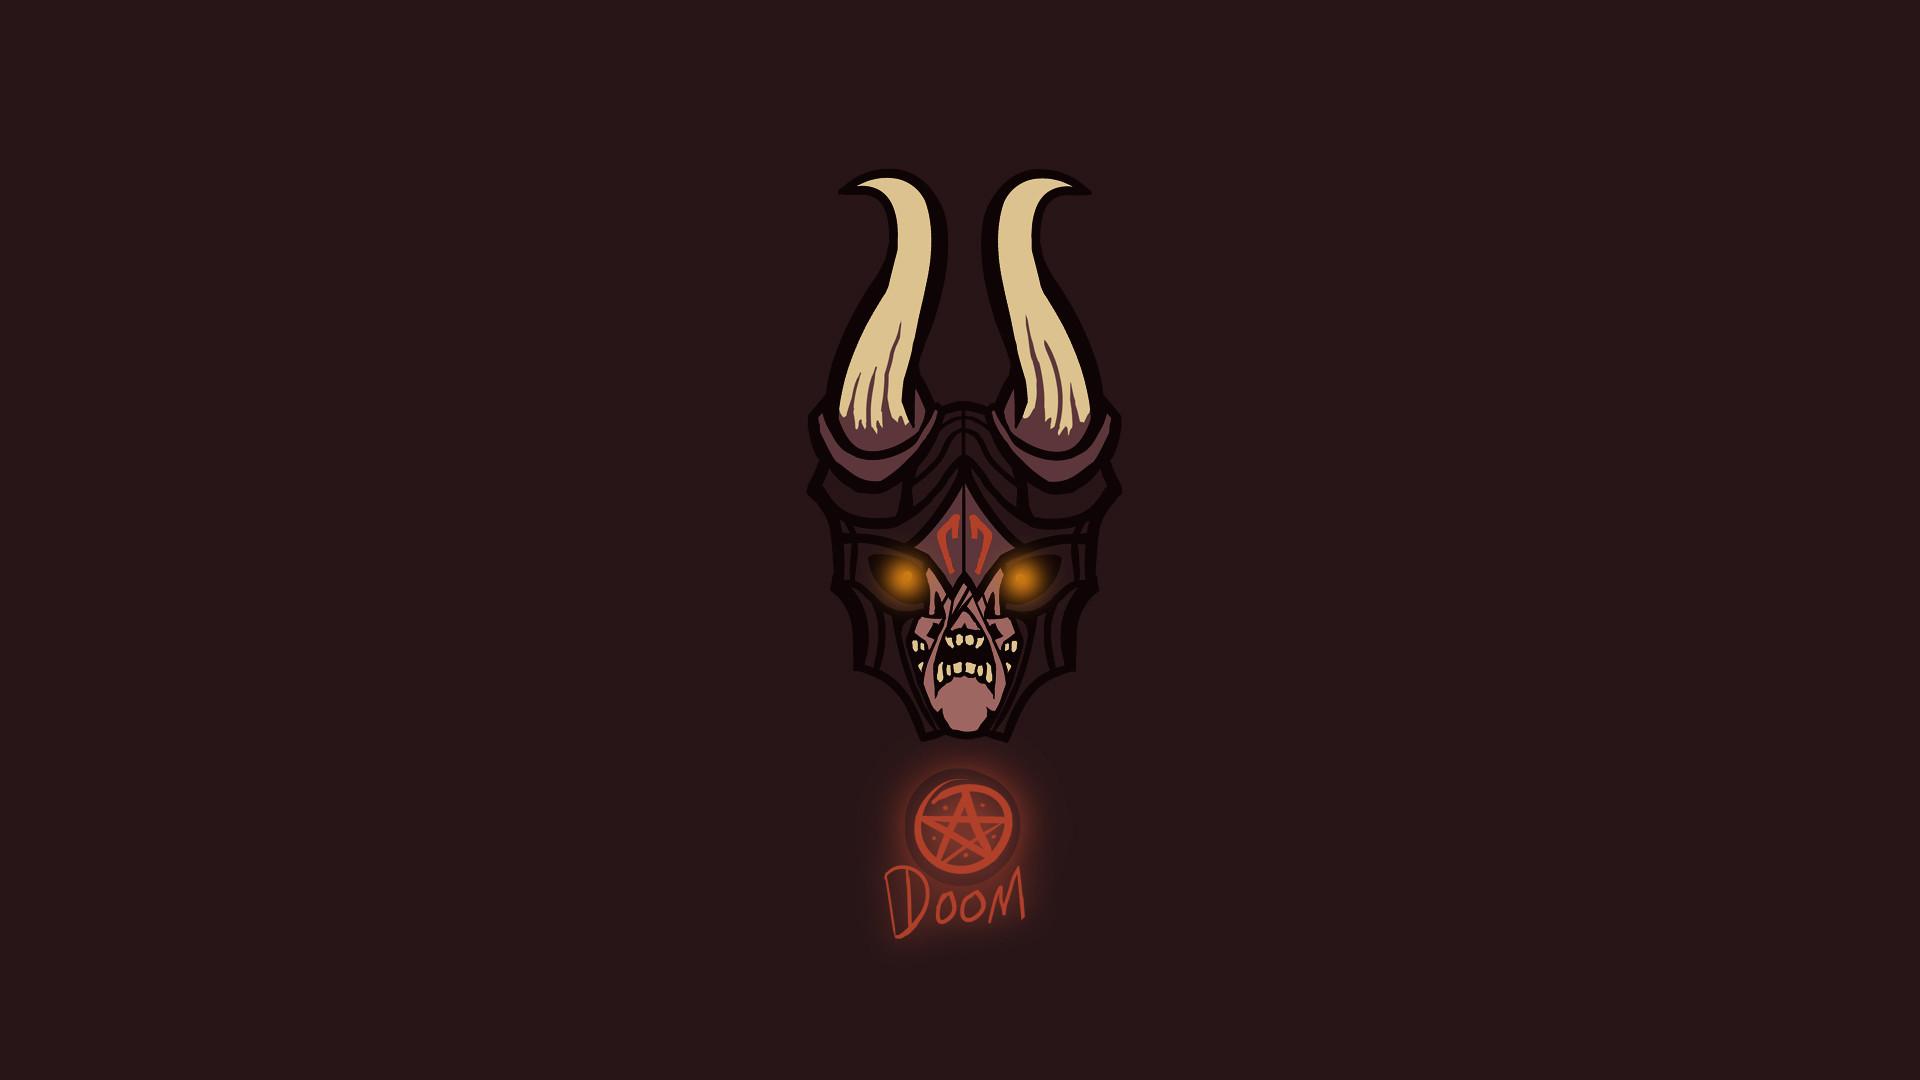 Res: 1920x1080, Doom #1 Wallpaper | Dota 2 HD Wallpapers